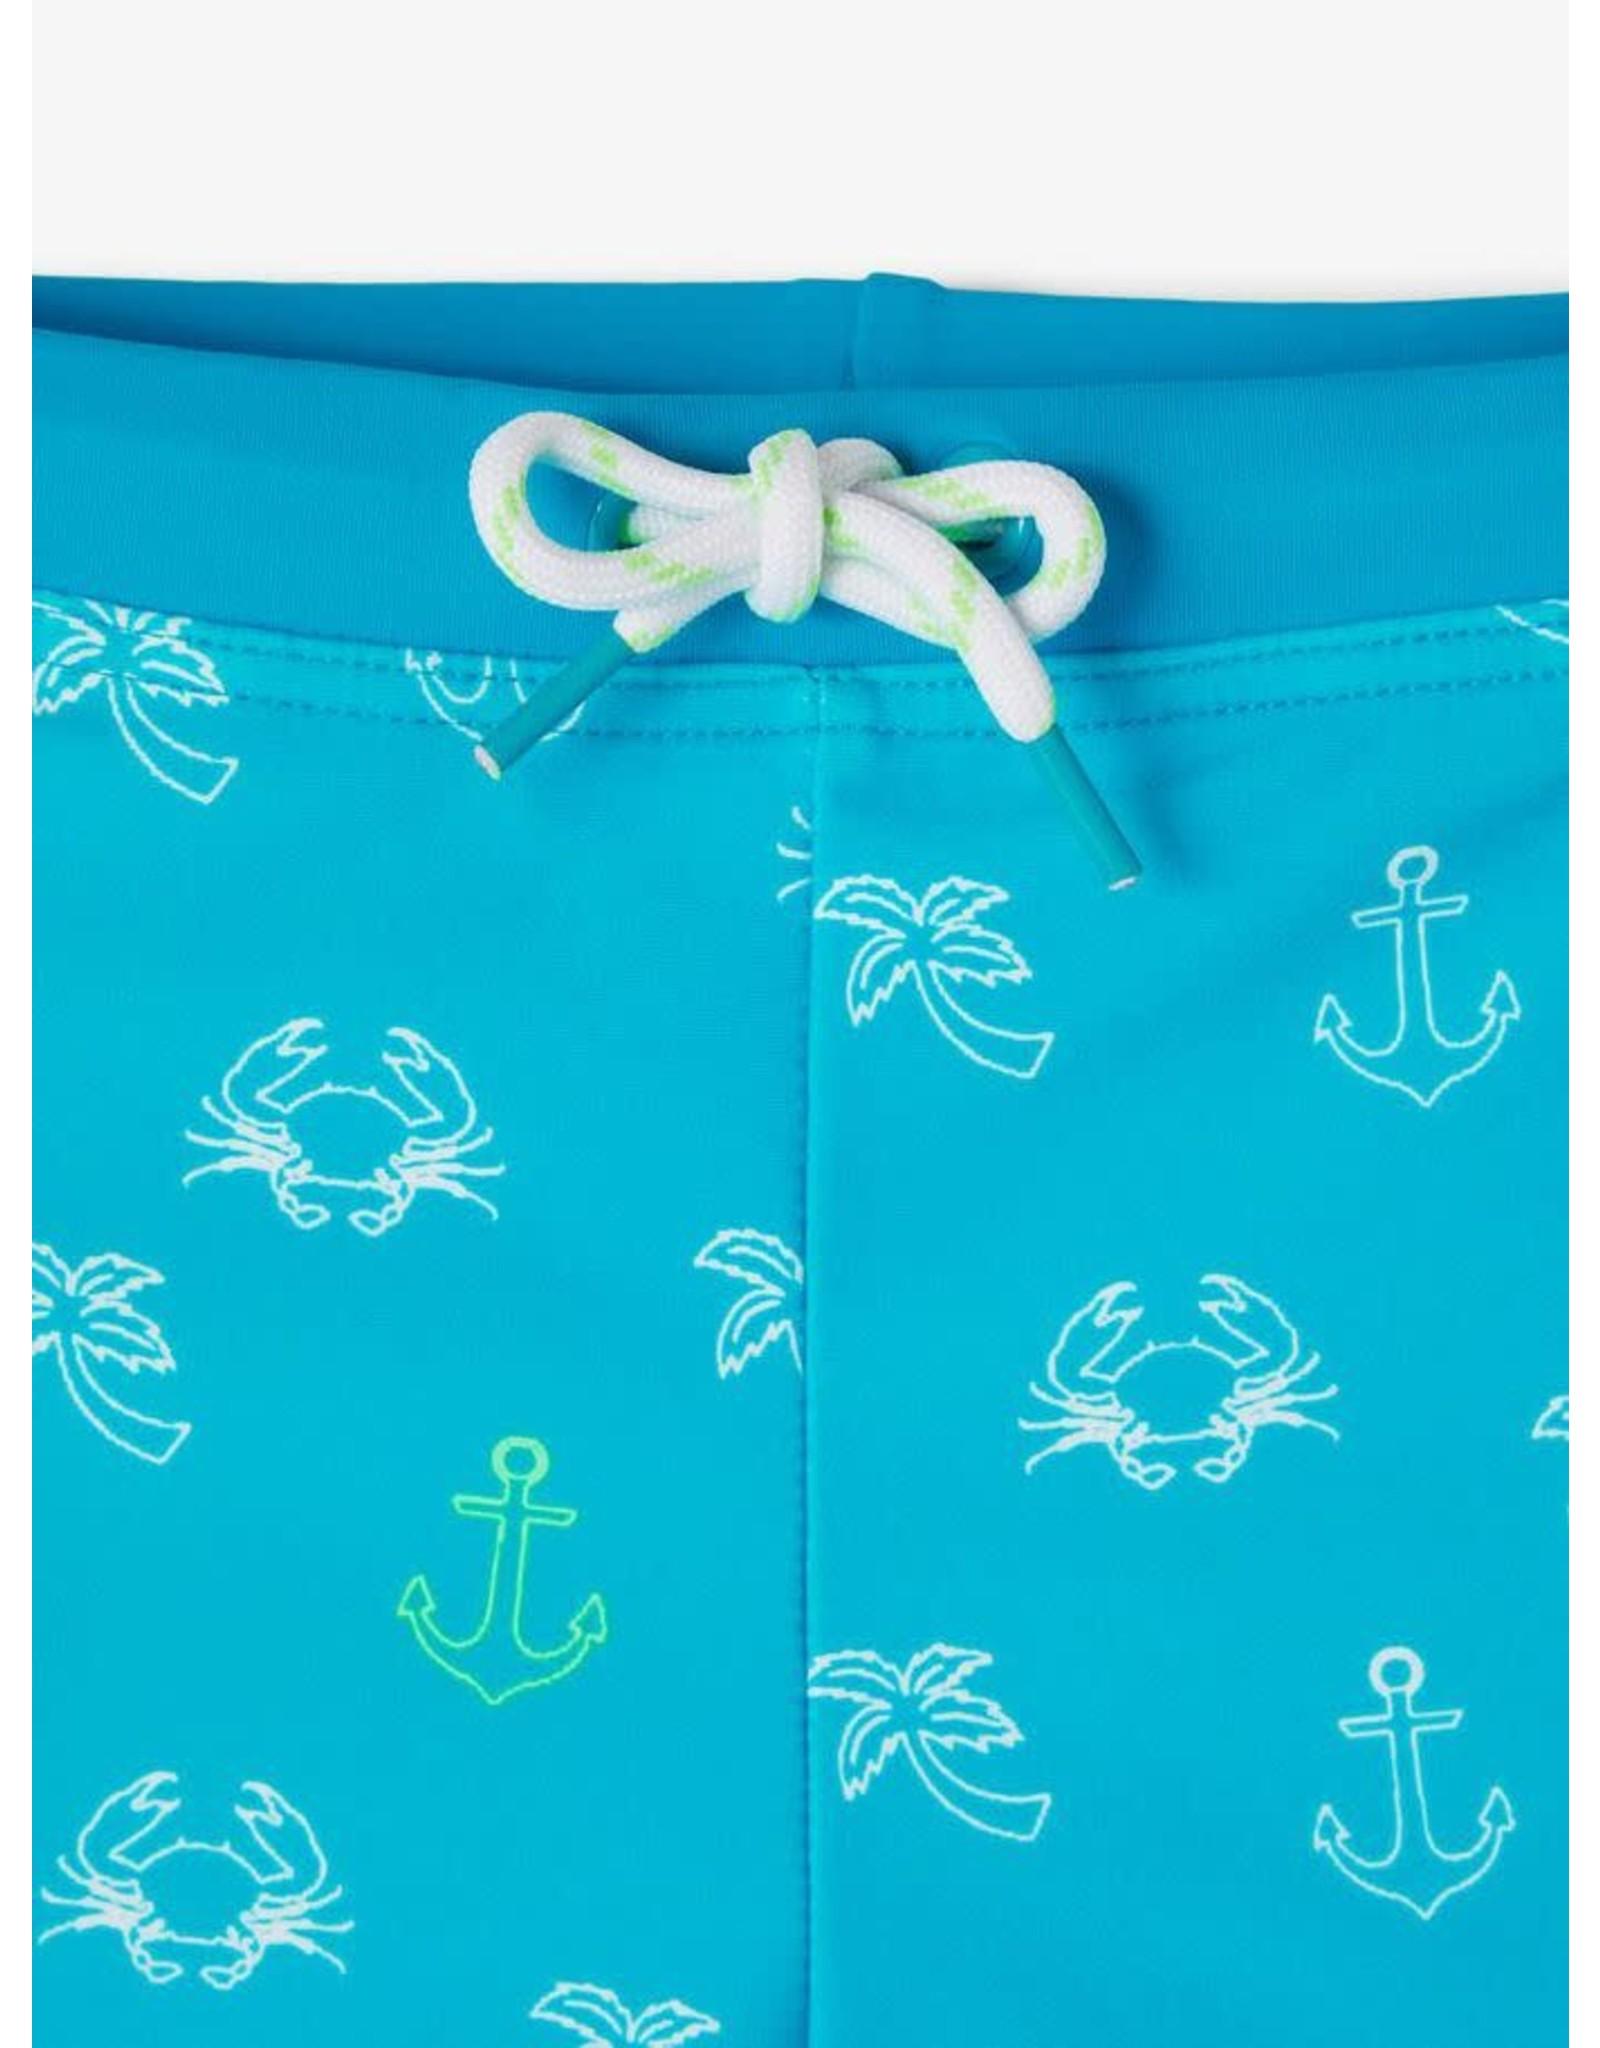 Name It Aqua blauwe zwembroek met maritieme printjes